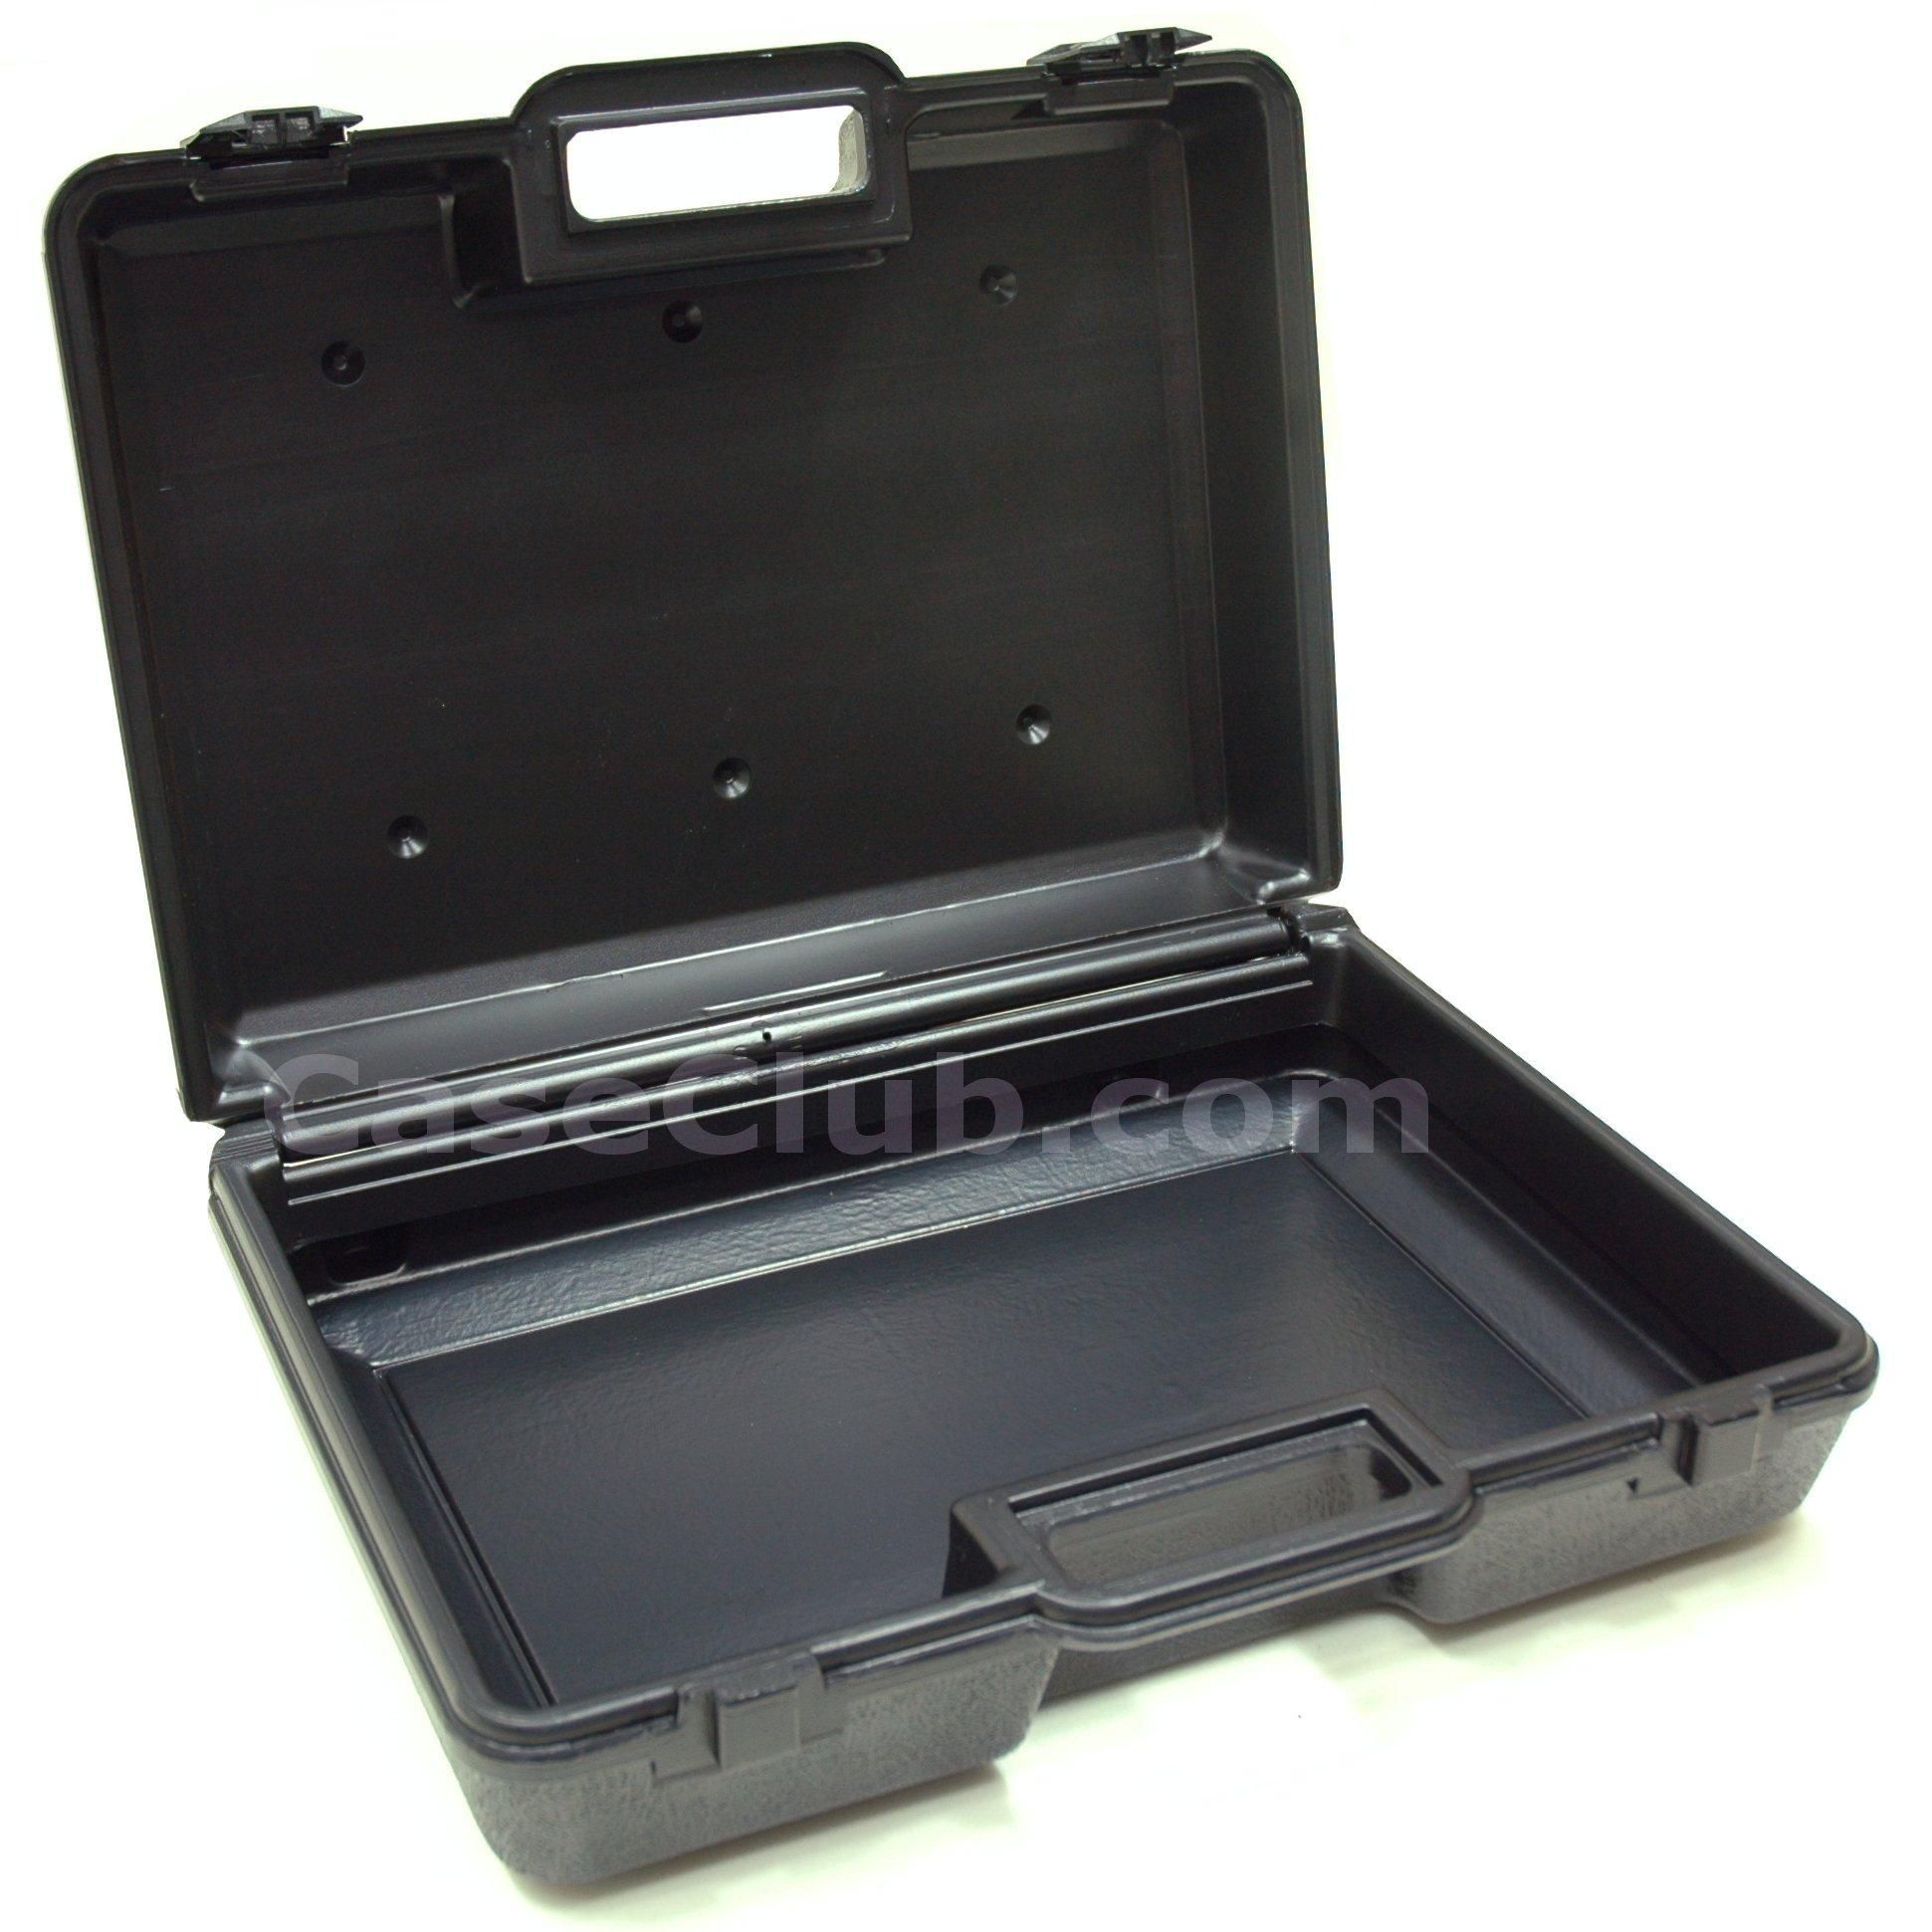 W18.0x14x5.5 Case